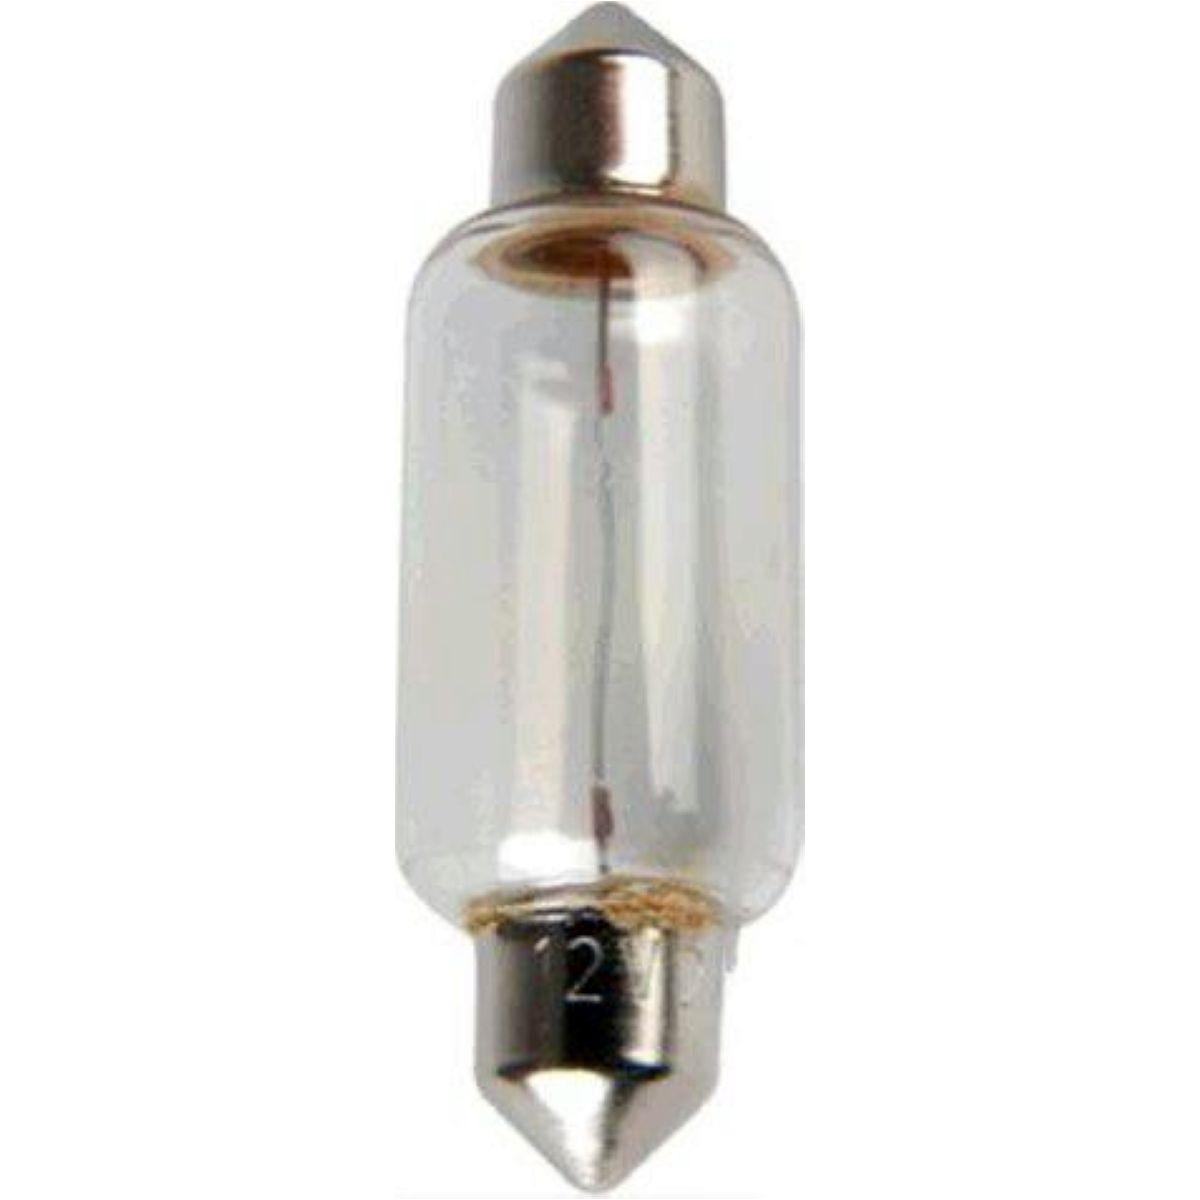 Bulb 12v10w sv8 5-8 festoon 6411 - 0,69 EUR